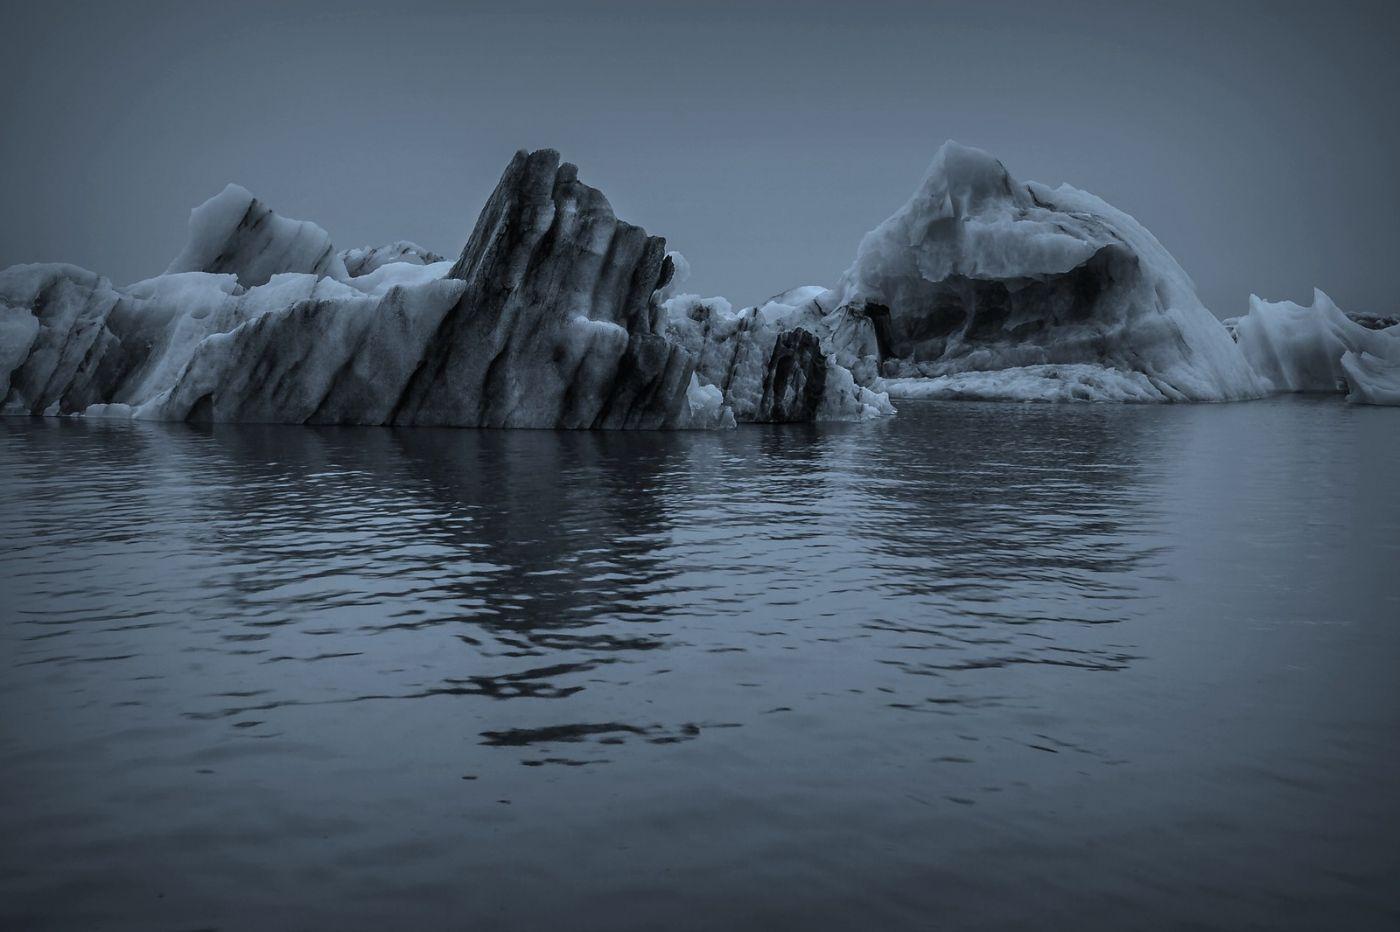 冰岛冰川泻湖(Glacier Lagoon), 湖面上冰川_图1-17